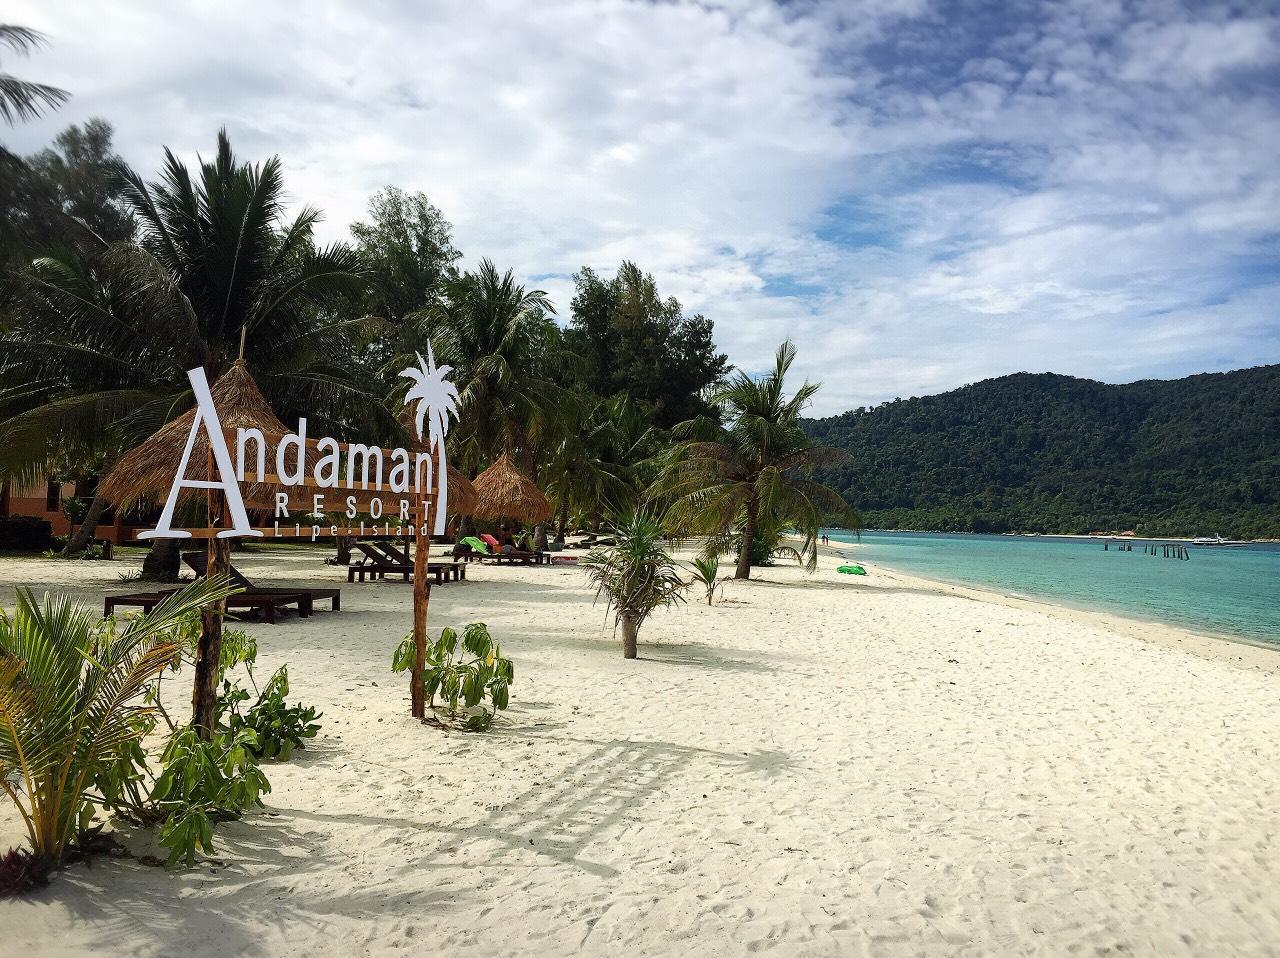 Hotell Andaman Resort i Koh Lipe, Nst. Klicka för att läsa mer och skicka bokningsförfrågan